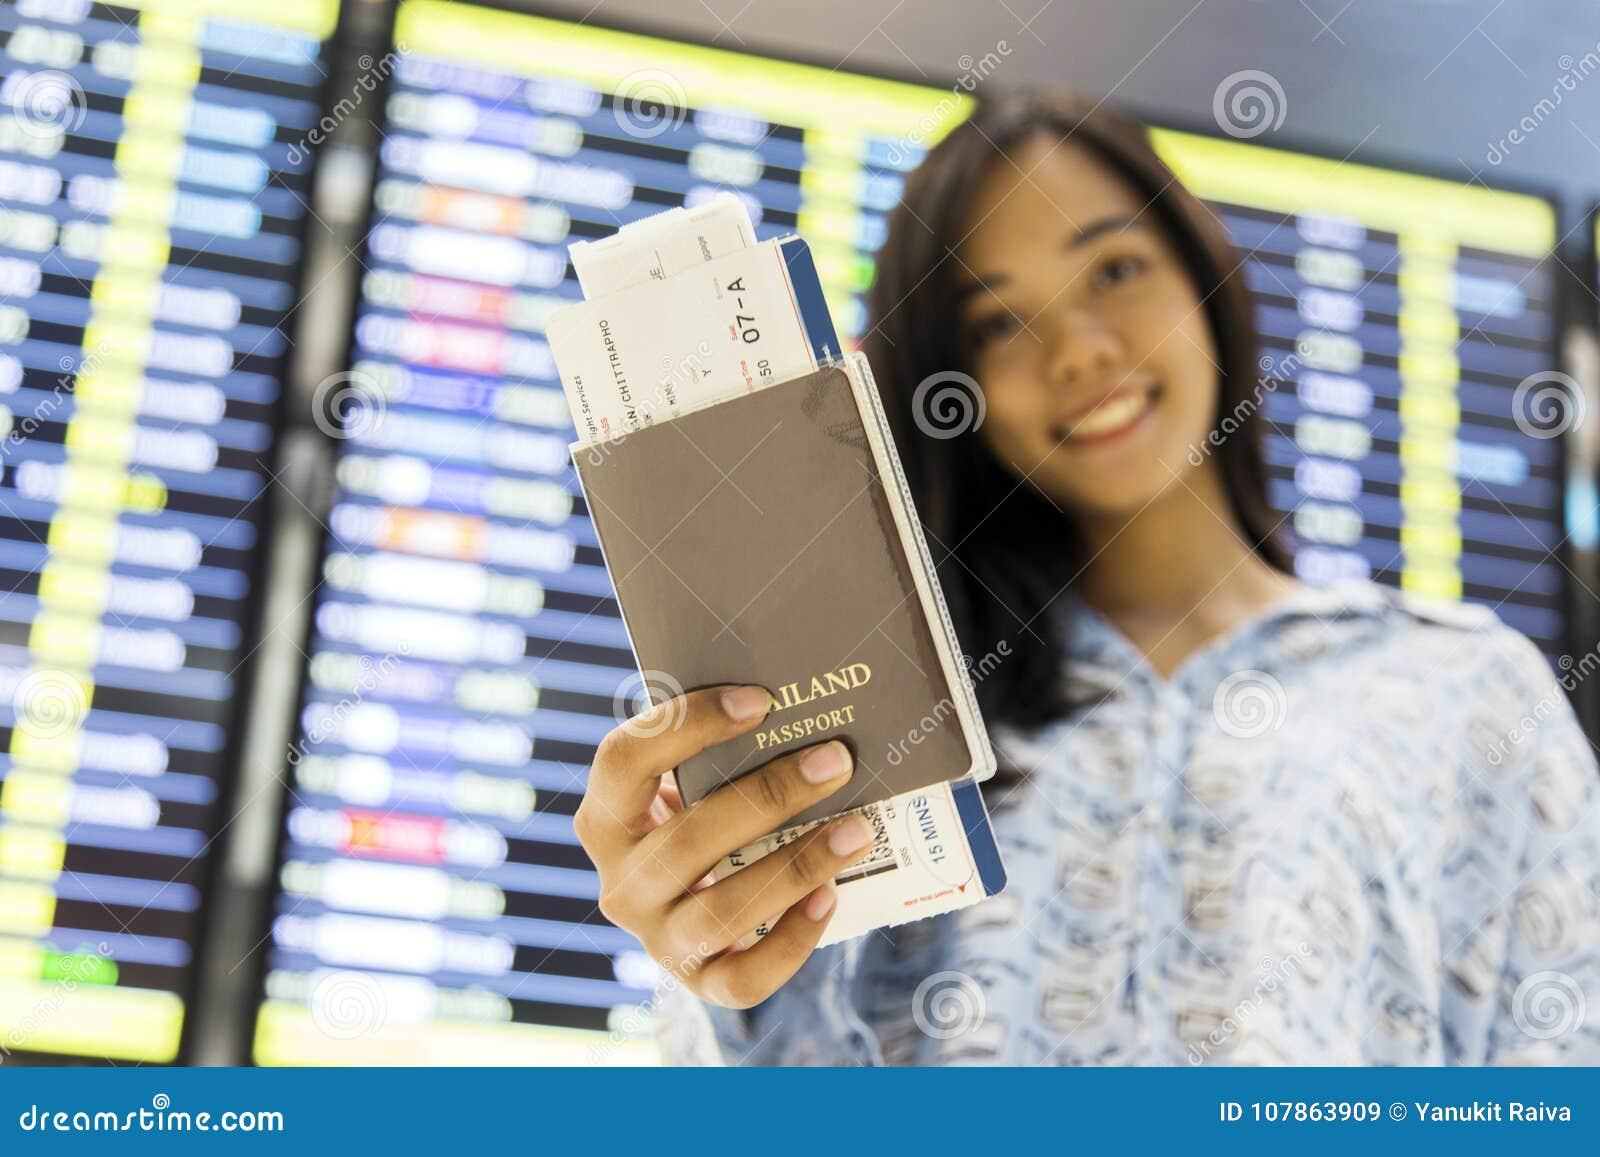 Reiseshowpaß und -karte asiatischer Dame Goto-